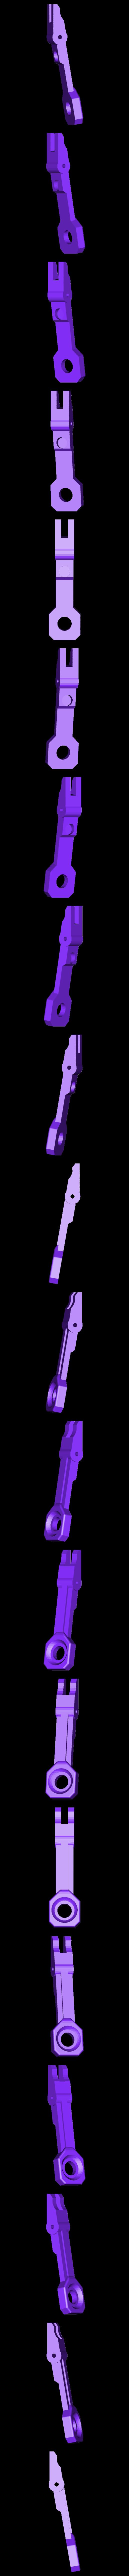 CE3_DMAG_MAGWELL_T_L_PART_v4.stl Télécharger fichier STL gratuit MCS DMAG Helix to cyclone Magazine Down Adapter • Plan à imprimer en 3D, UntangleART